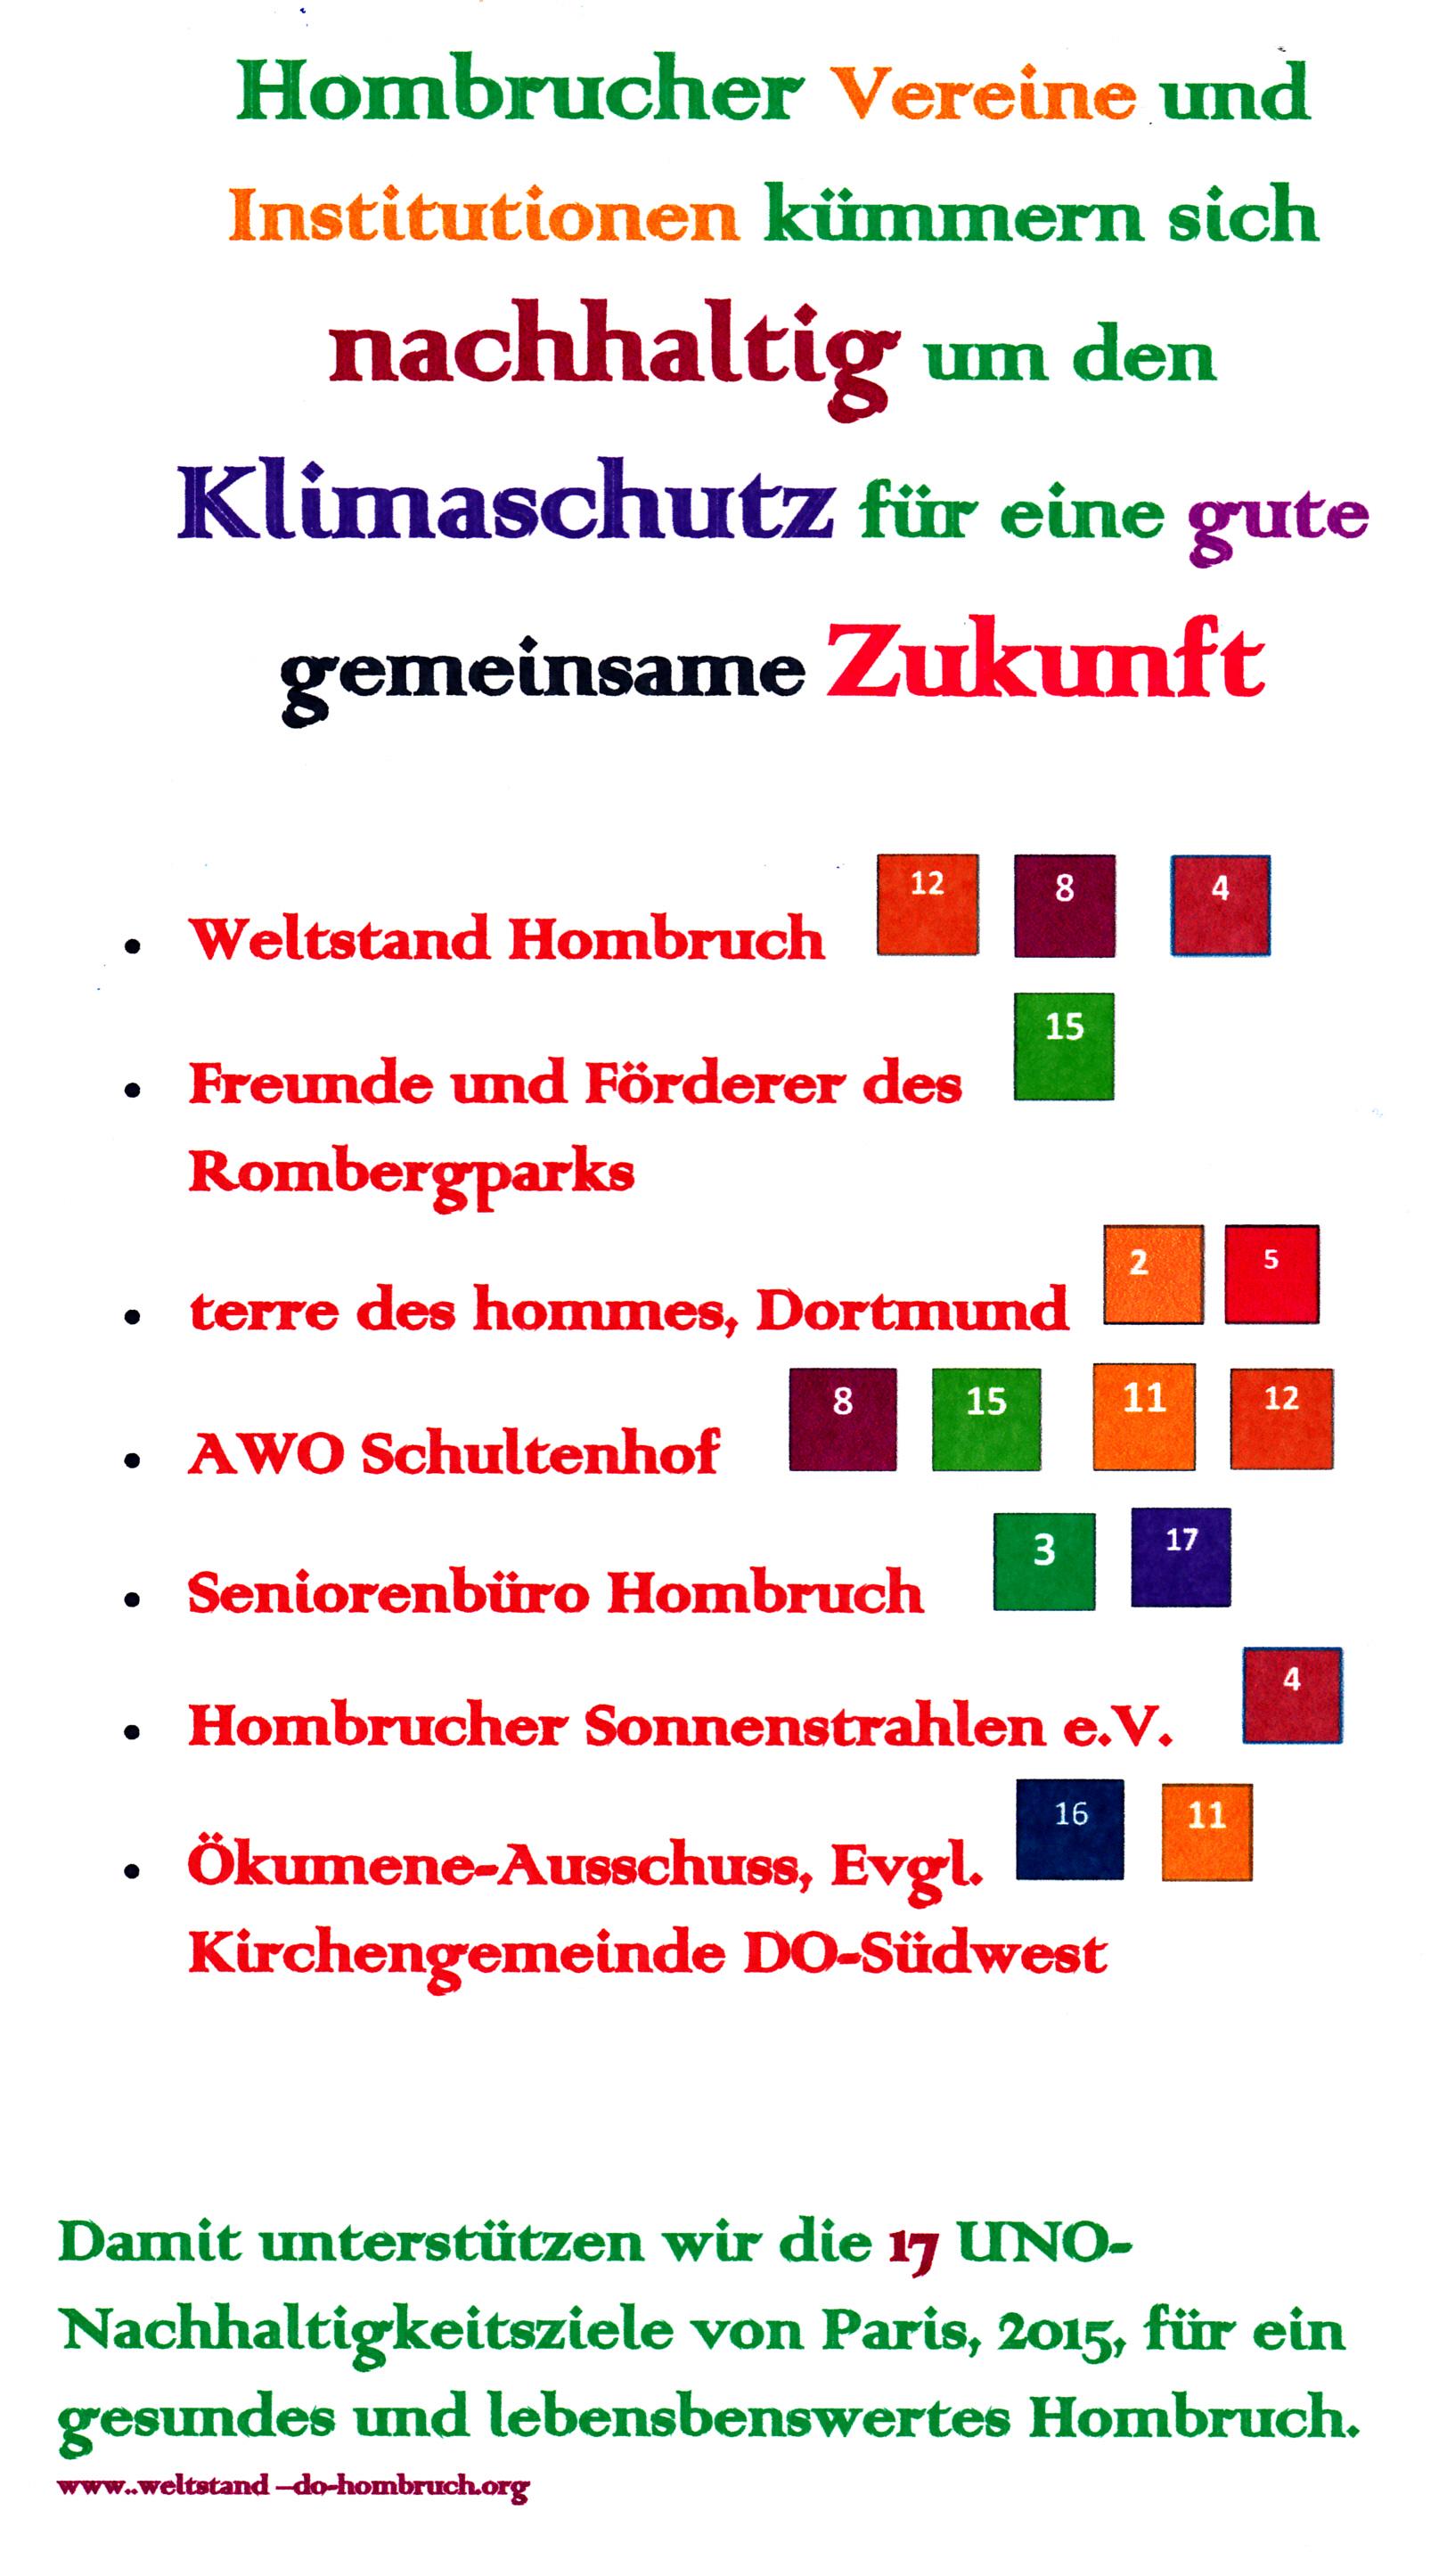 SDG der Hombrucher Vereine